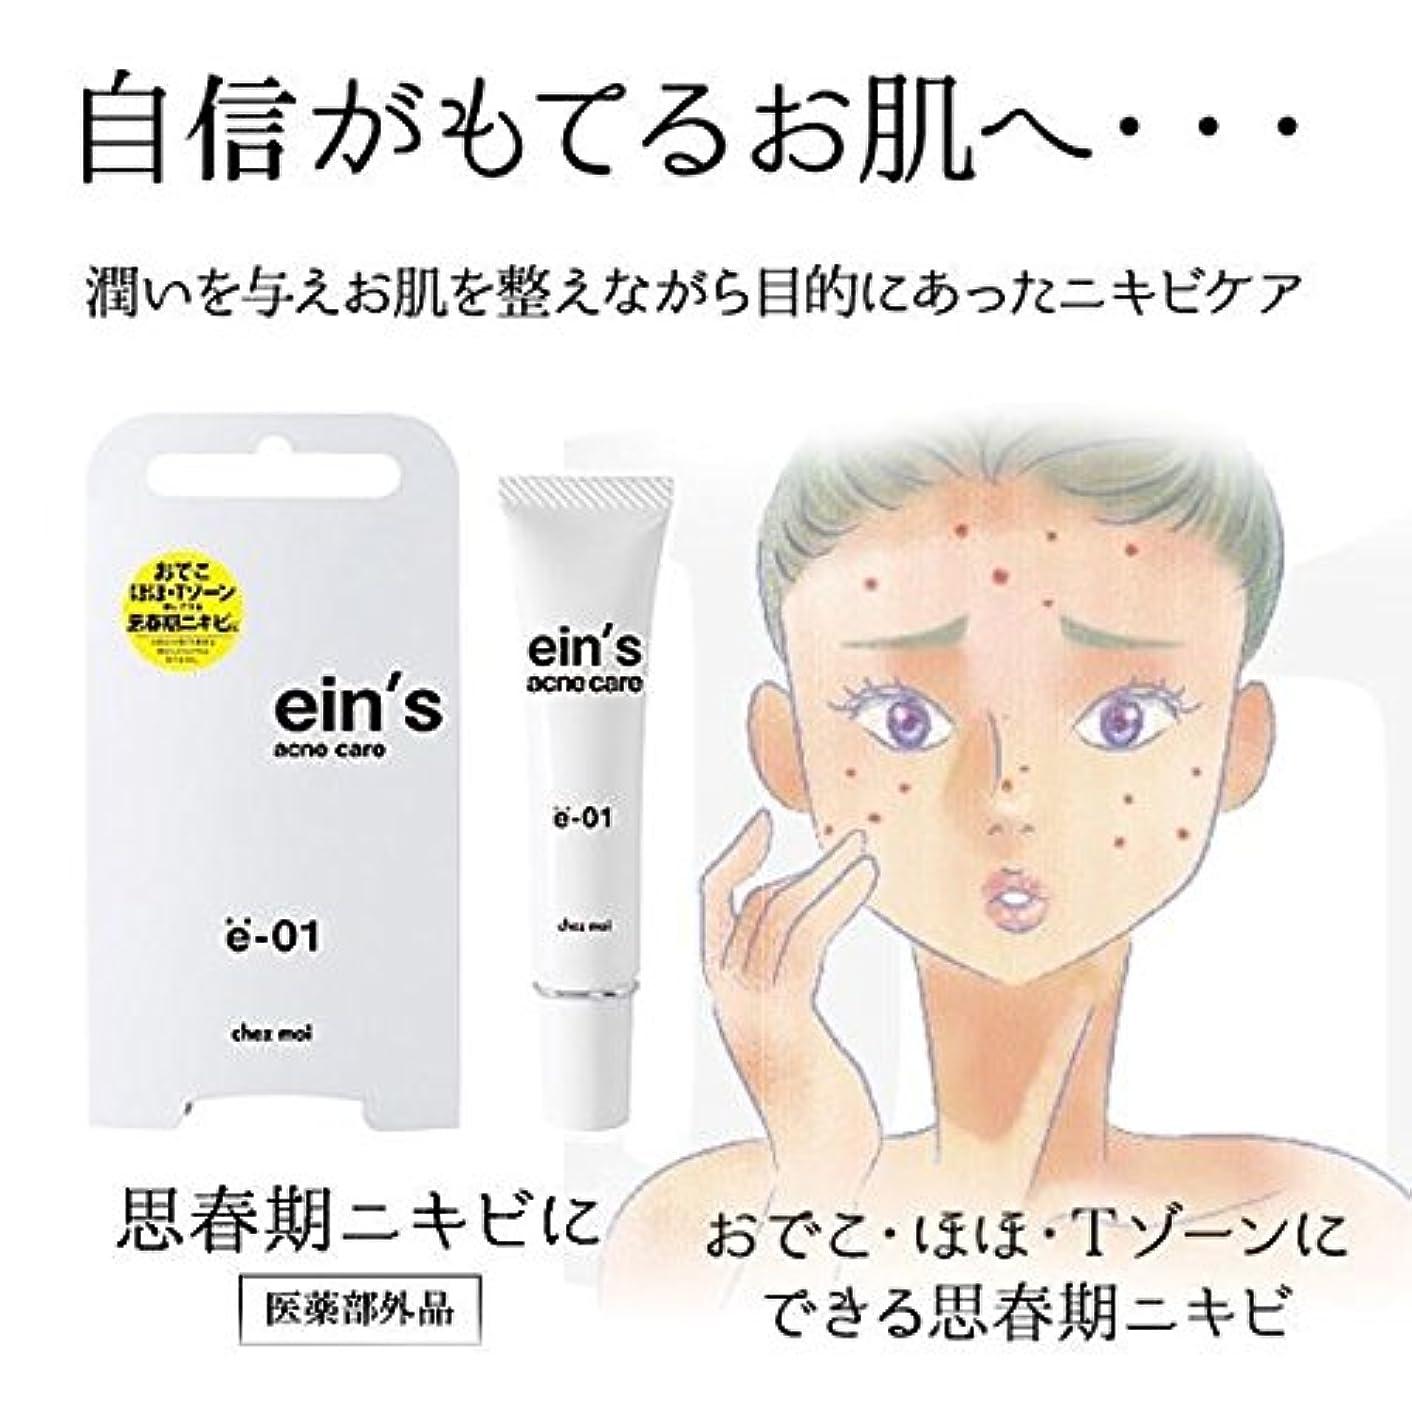 放牧する故障カッターein's(アインス) acne care(アクネケア) e-01(思春期ニキビ) 医薬部外品 15g